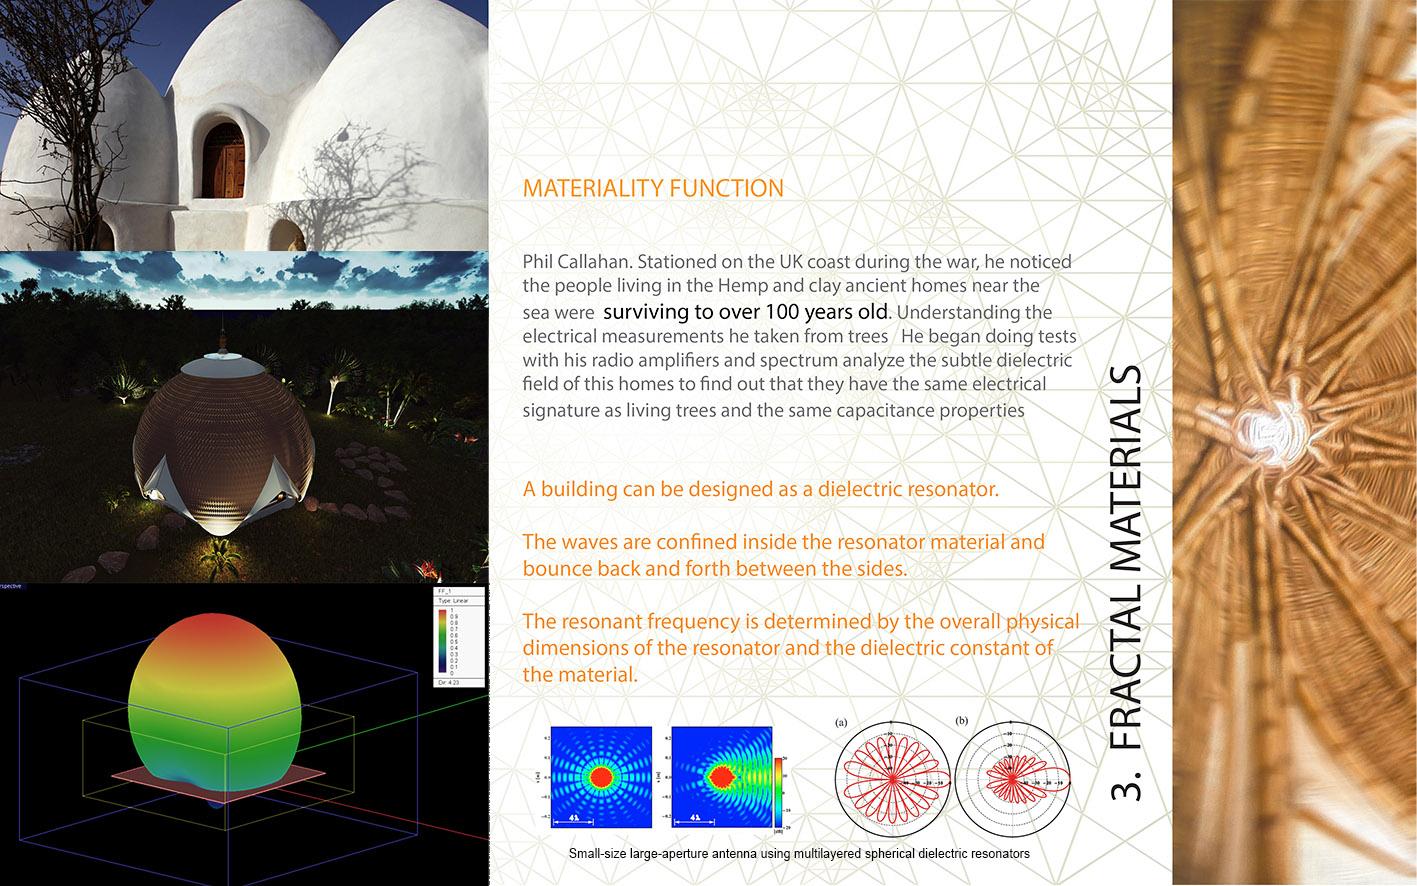 Shambhalabioarc Presentation (12).jpg